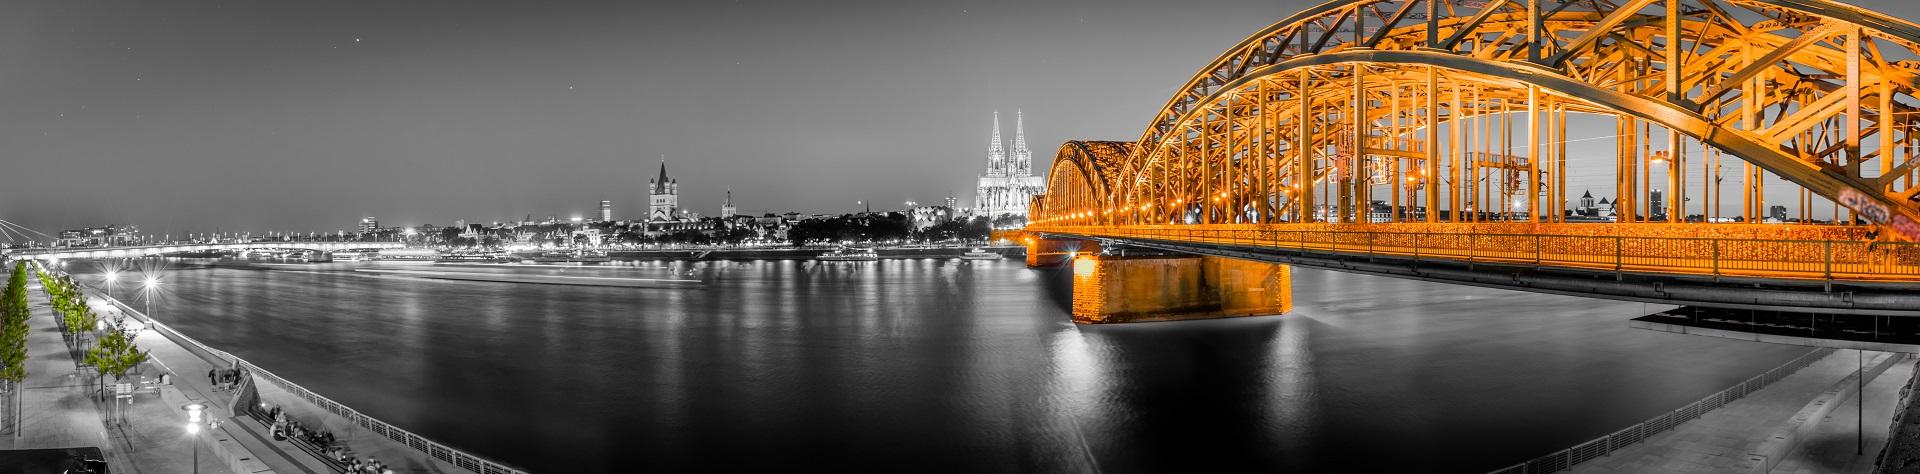 Classement des villes allemandes en fonction du secteur d'activité